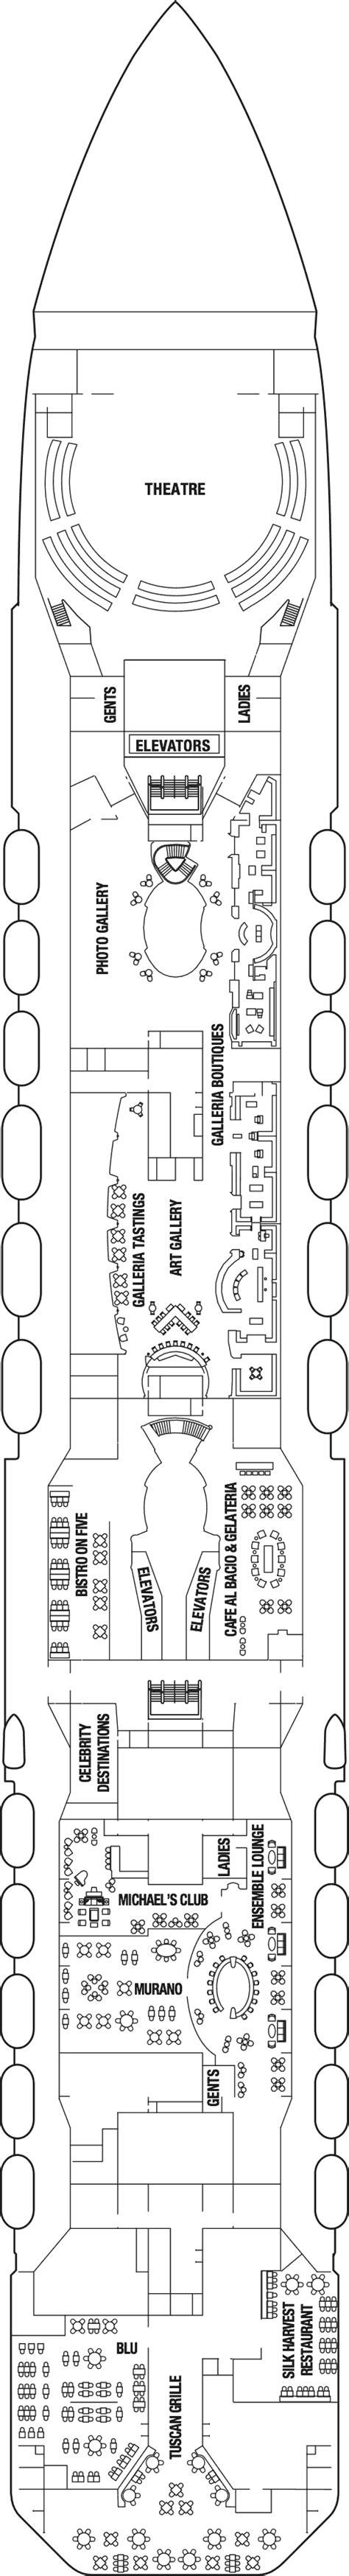 silhouette deck plans